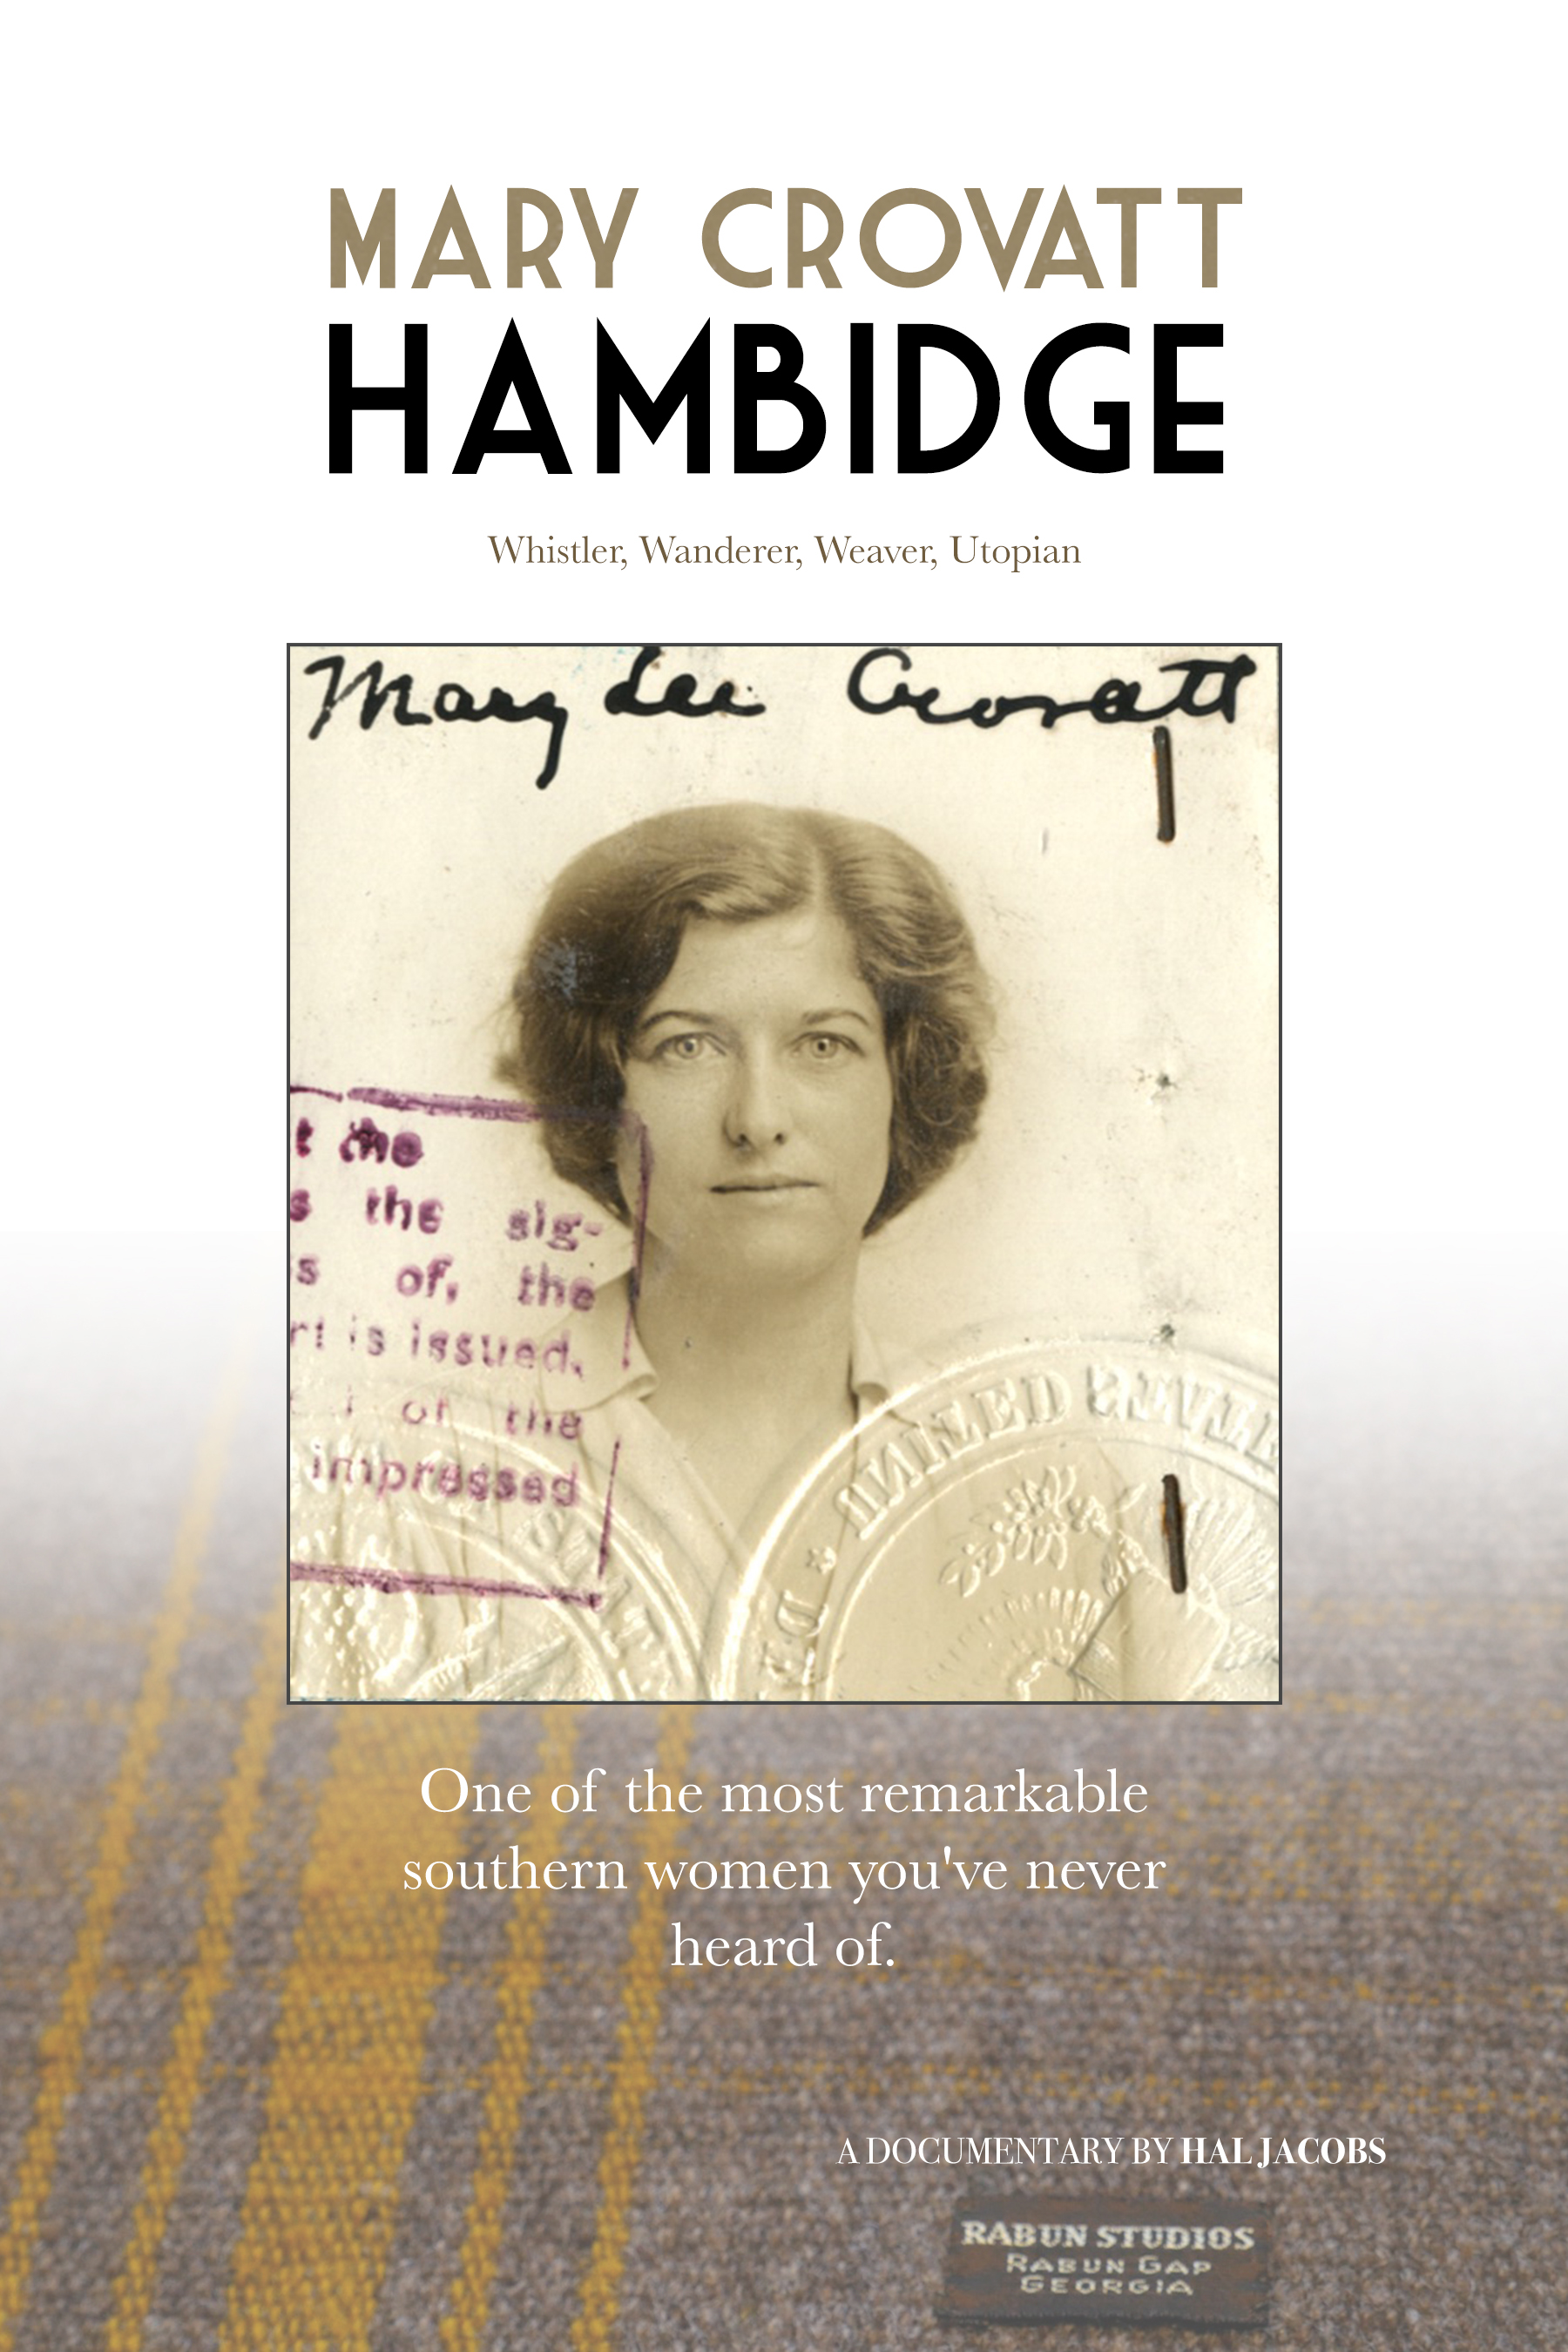 MaryHambidge Poster.jpg